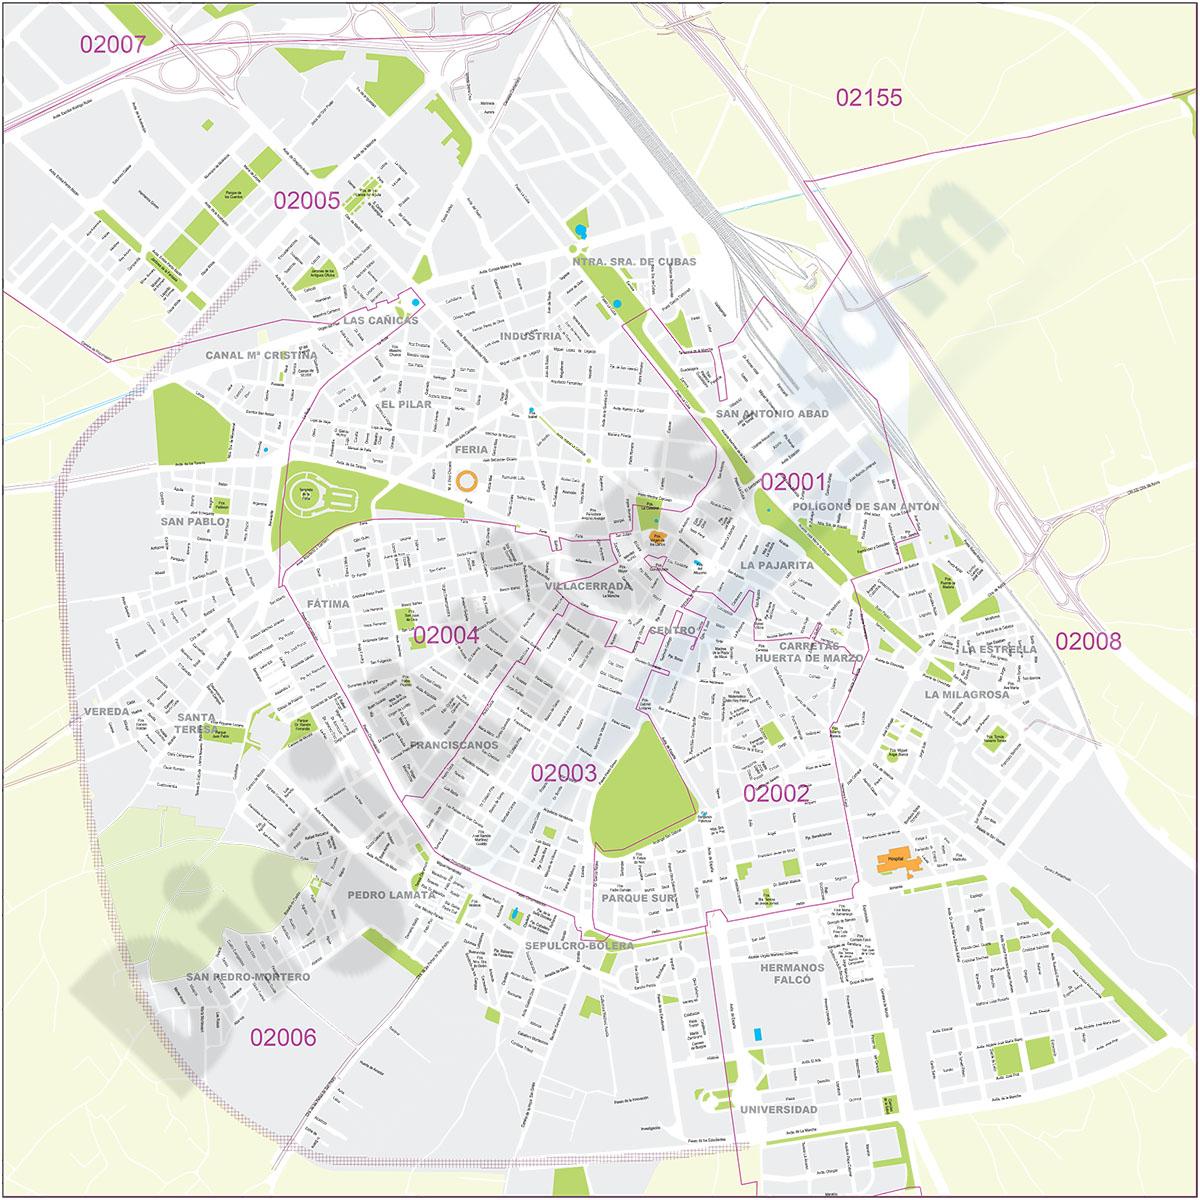 Albacete - city map